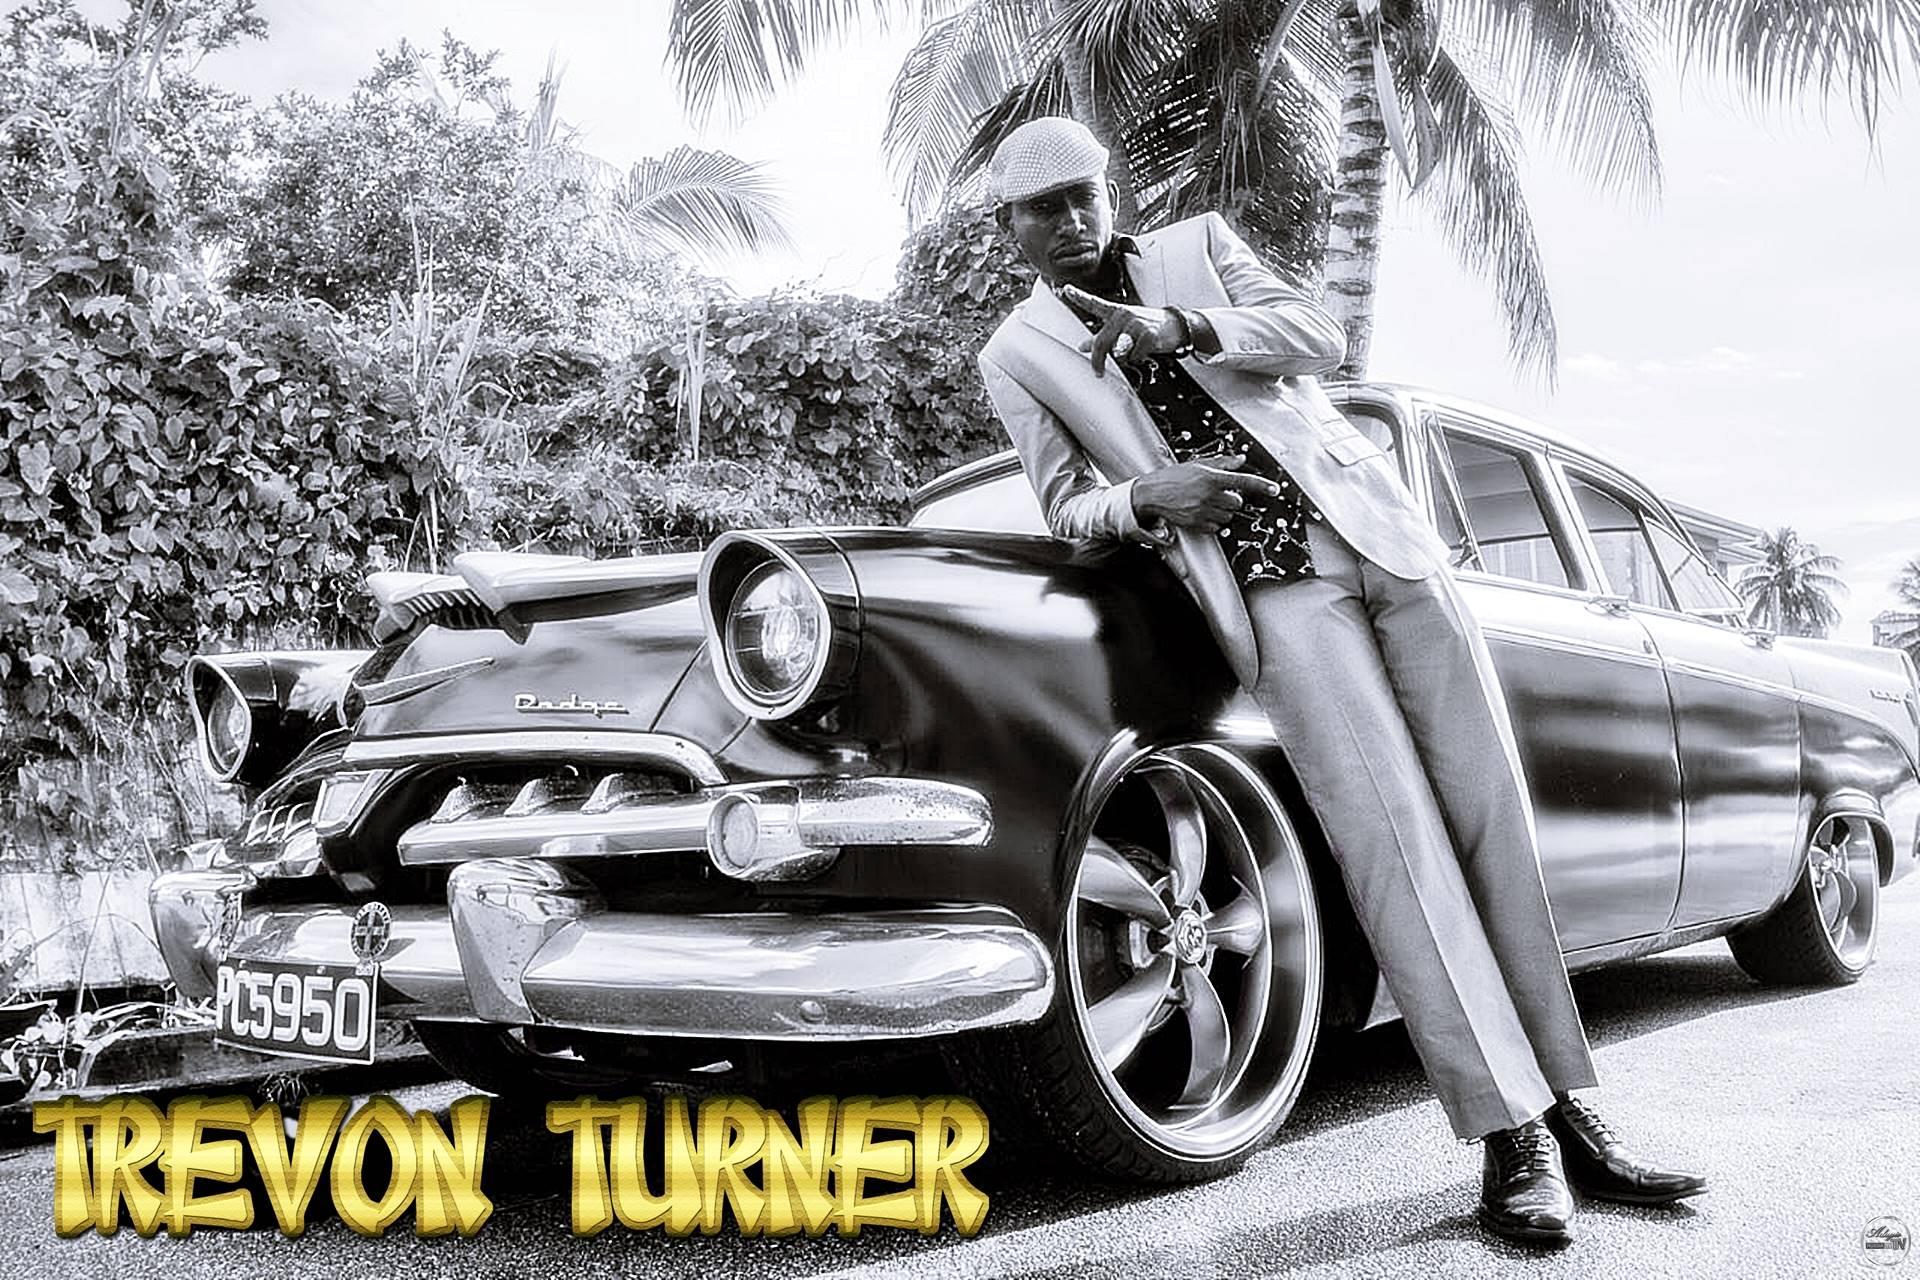 Trevon Turner